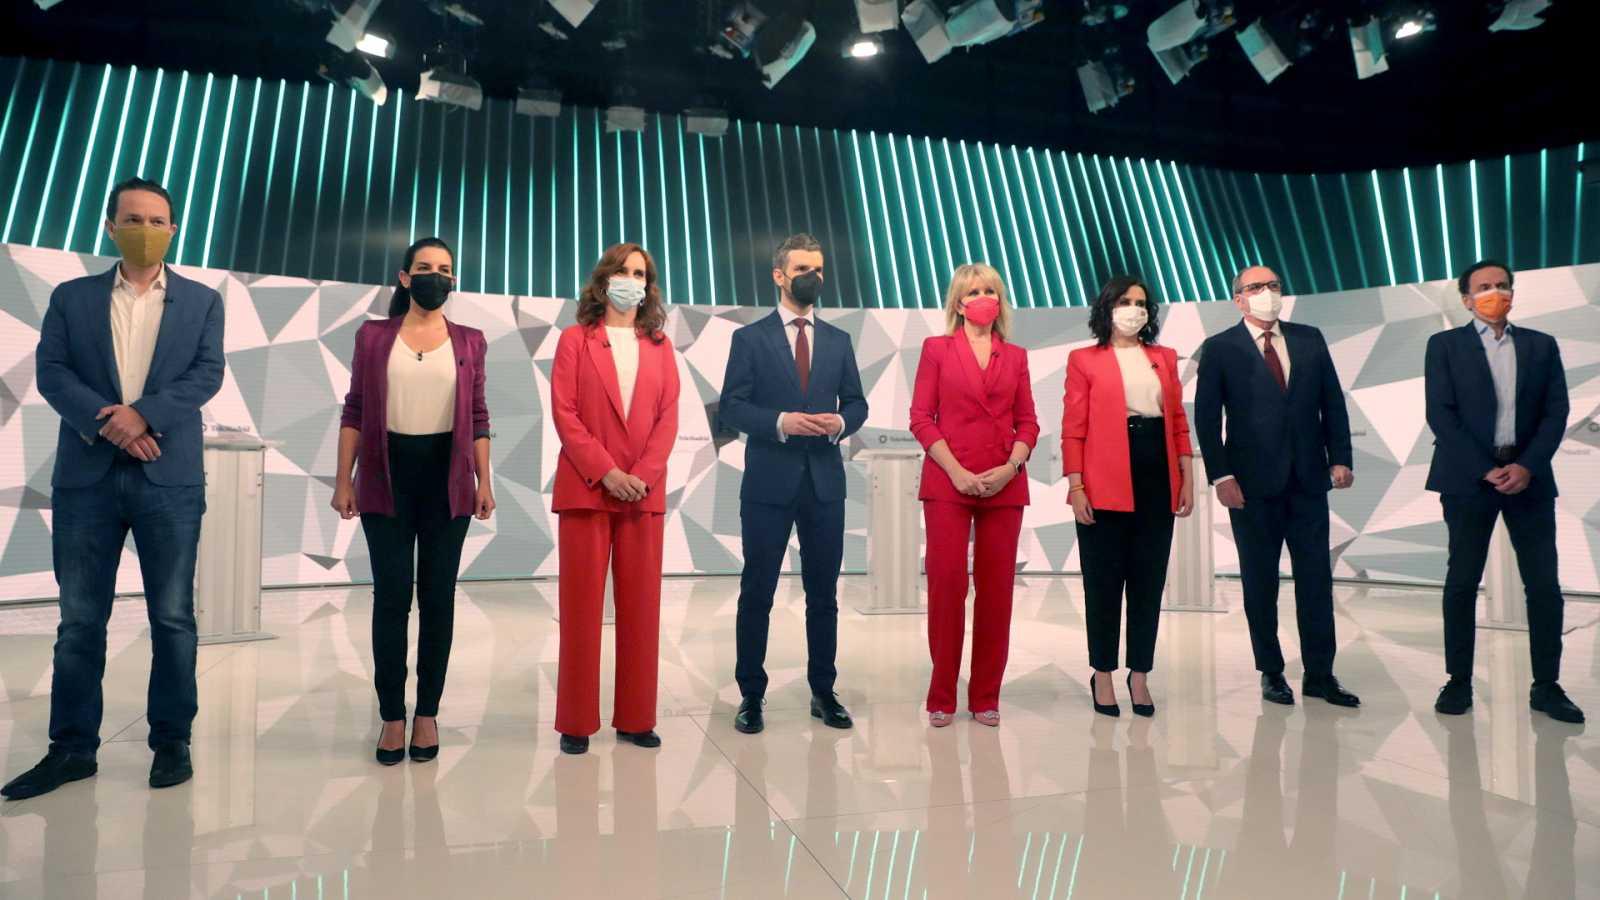 Especial informativo - Debate elecciones Madrid 4M - ver ahora